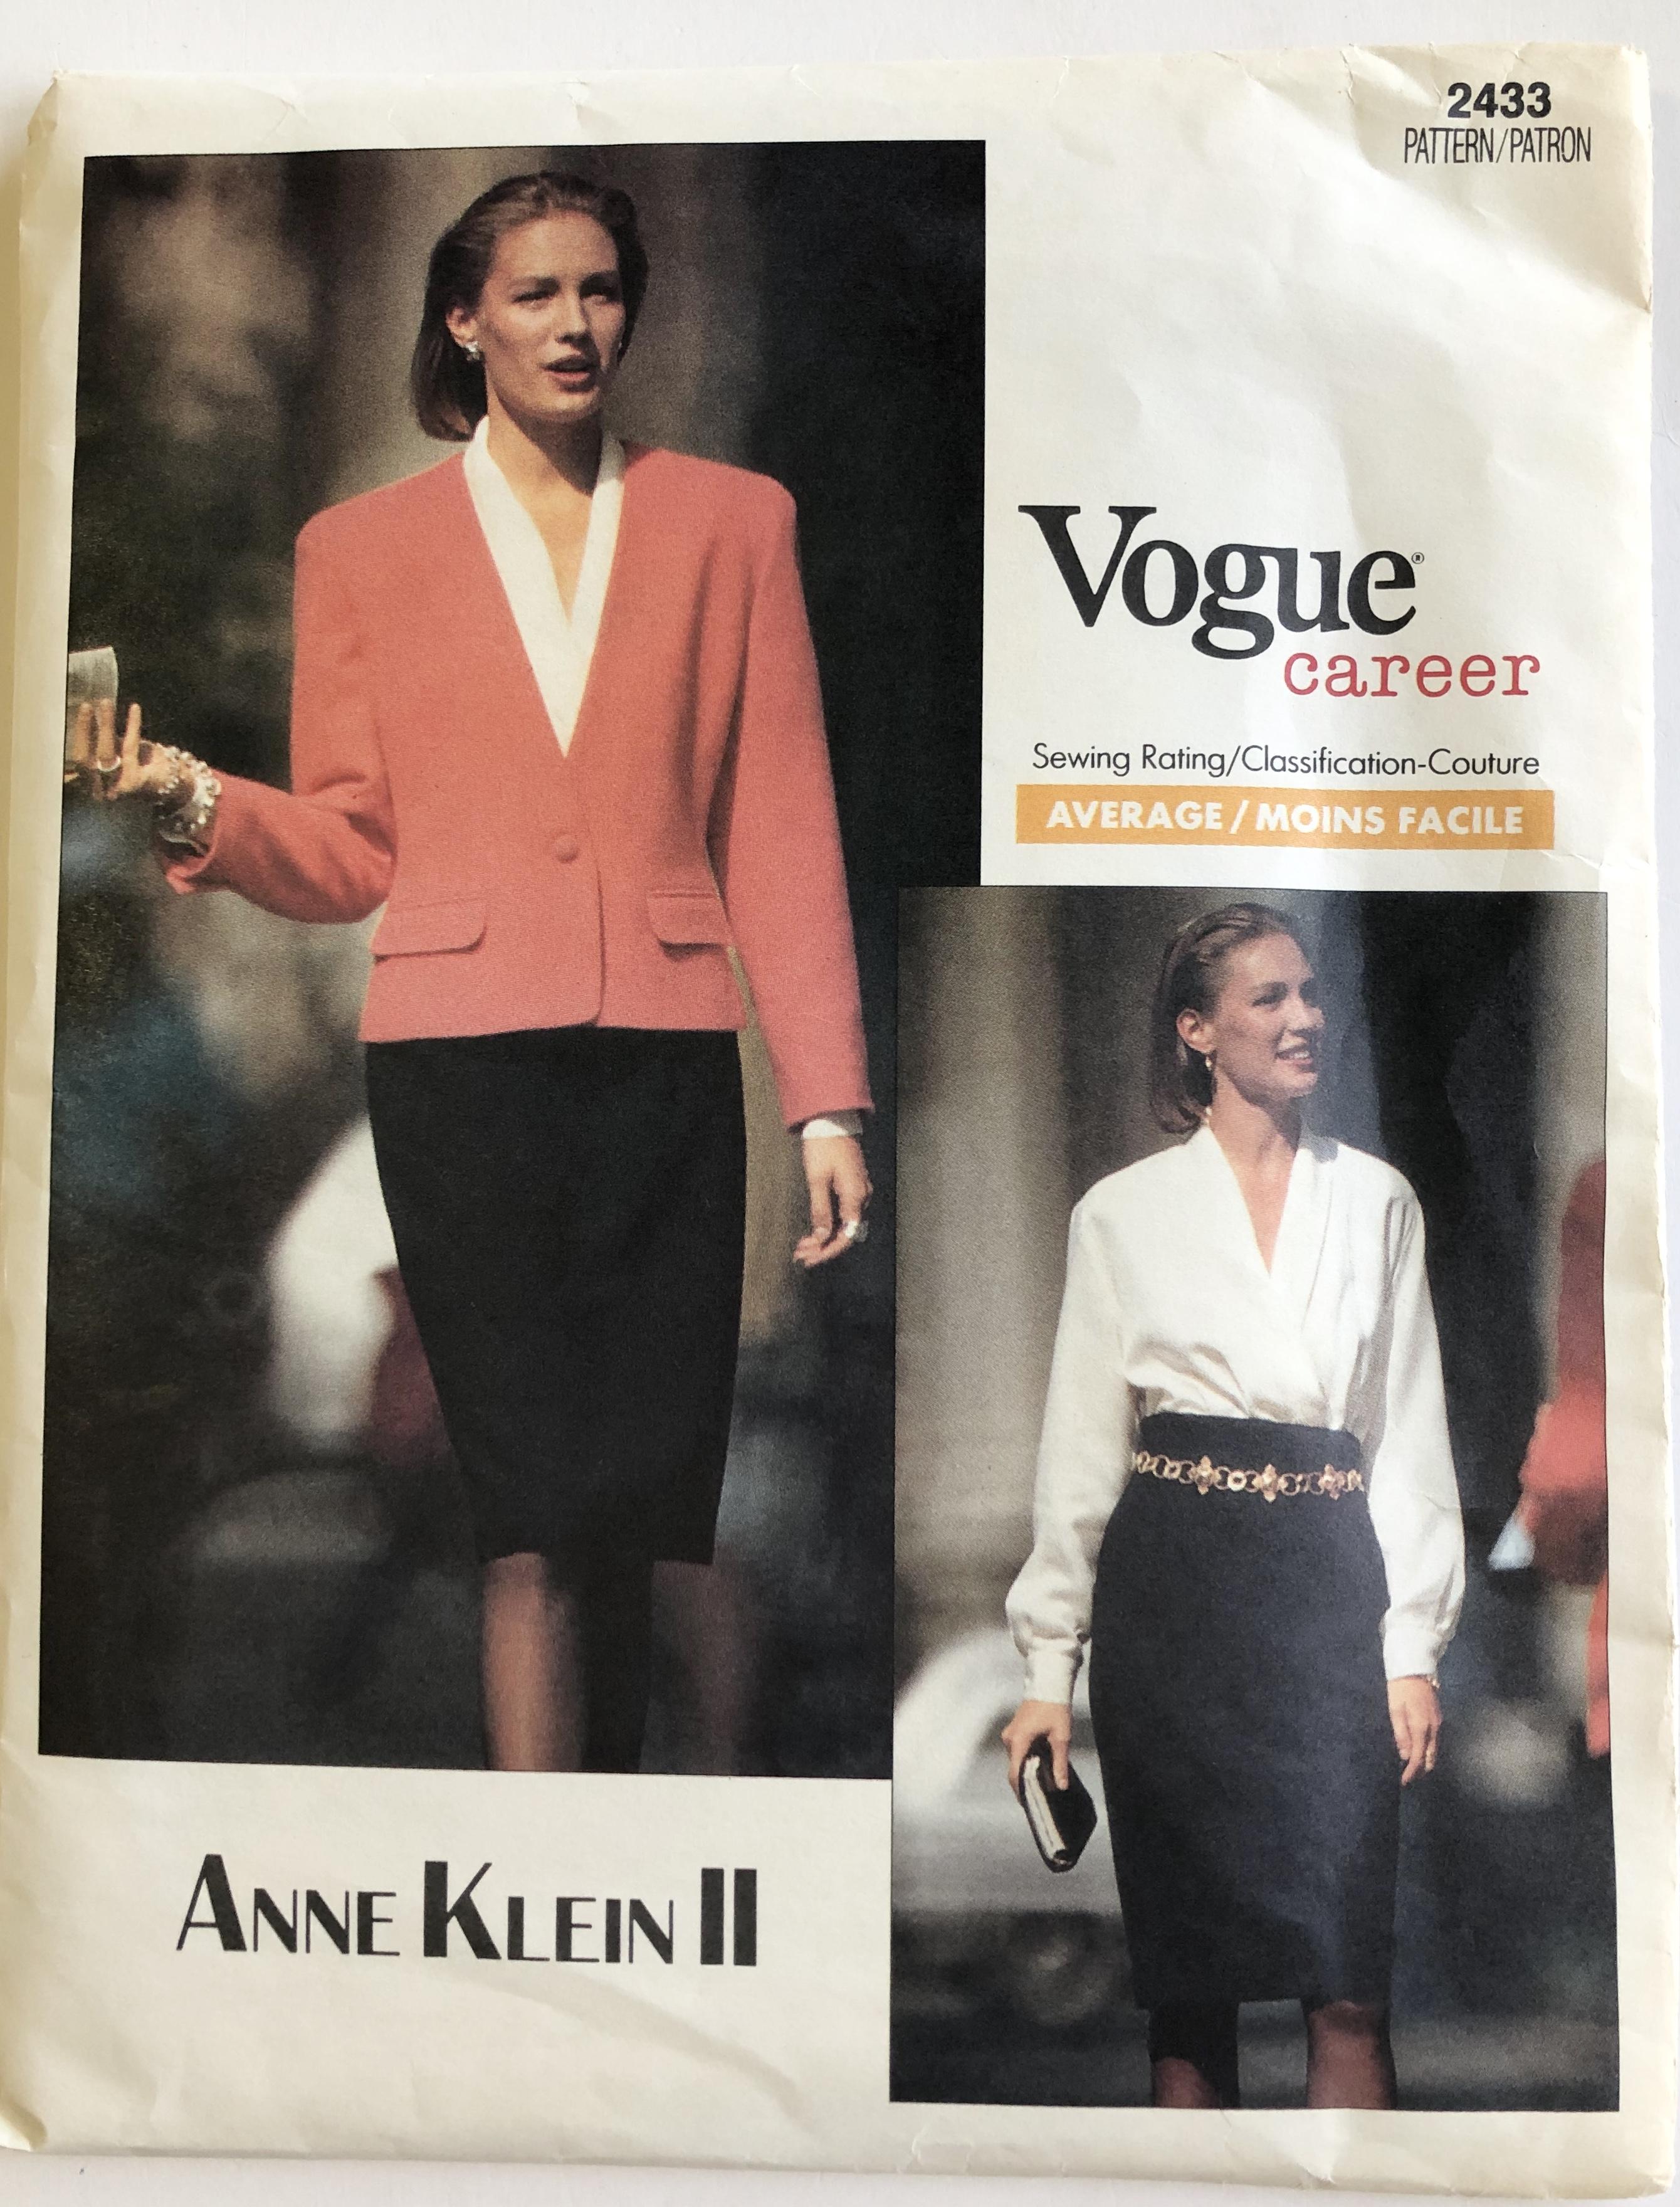 Vogue 2433 A